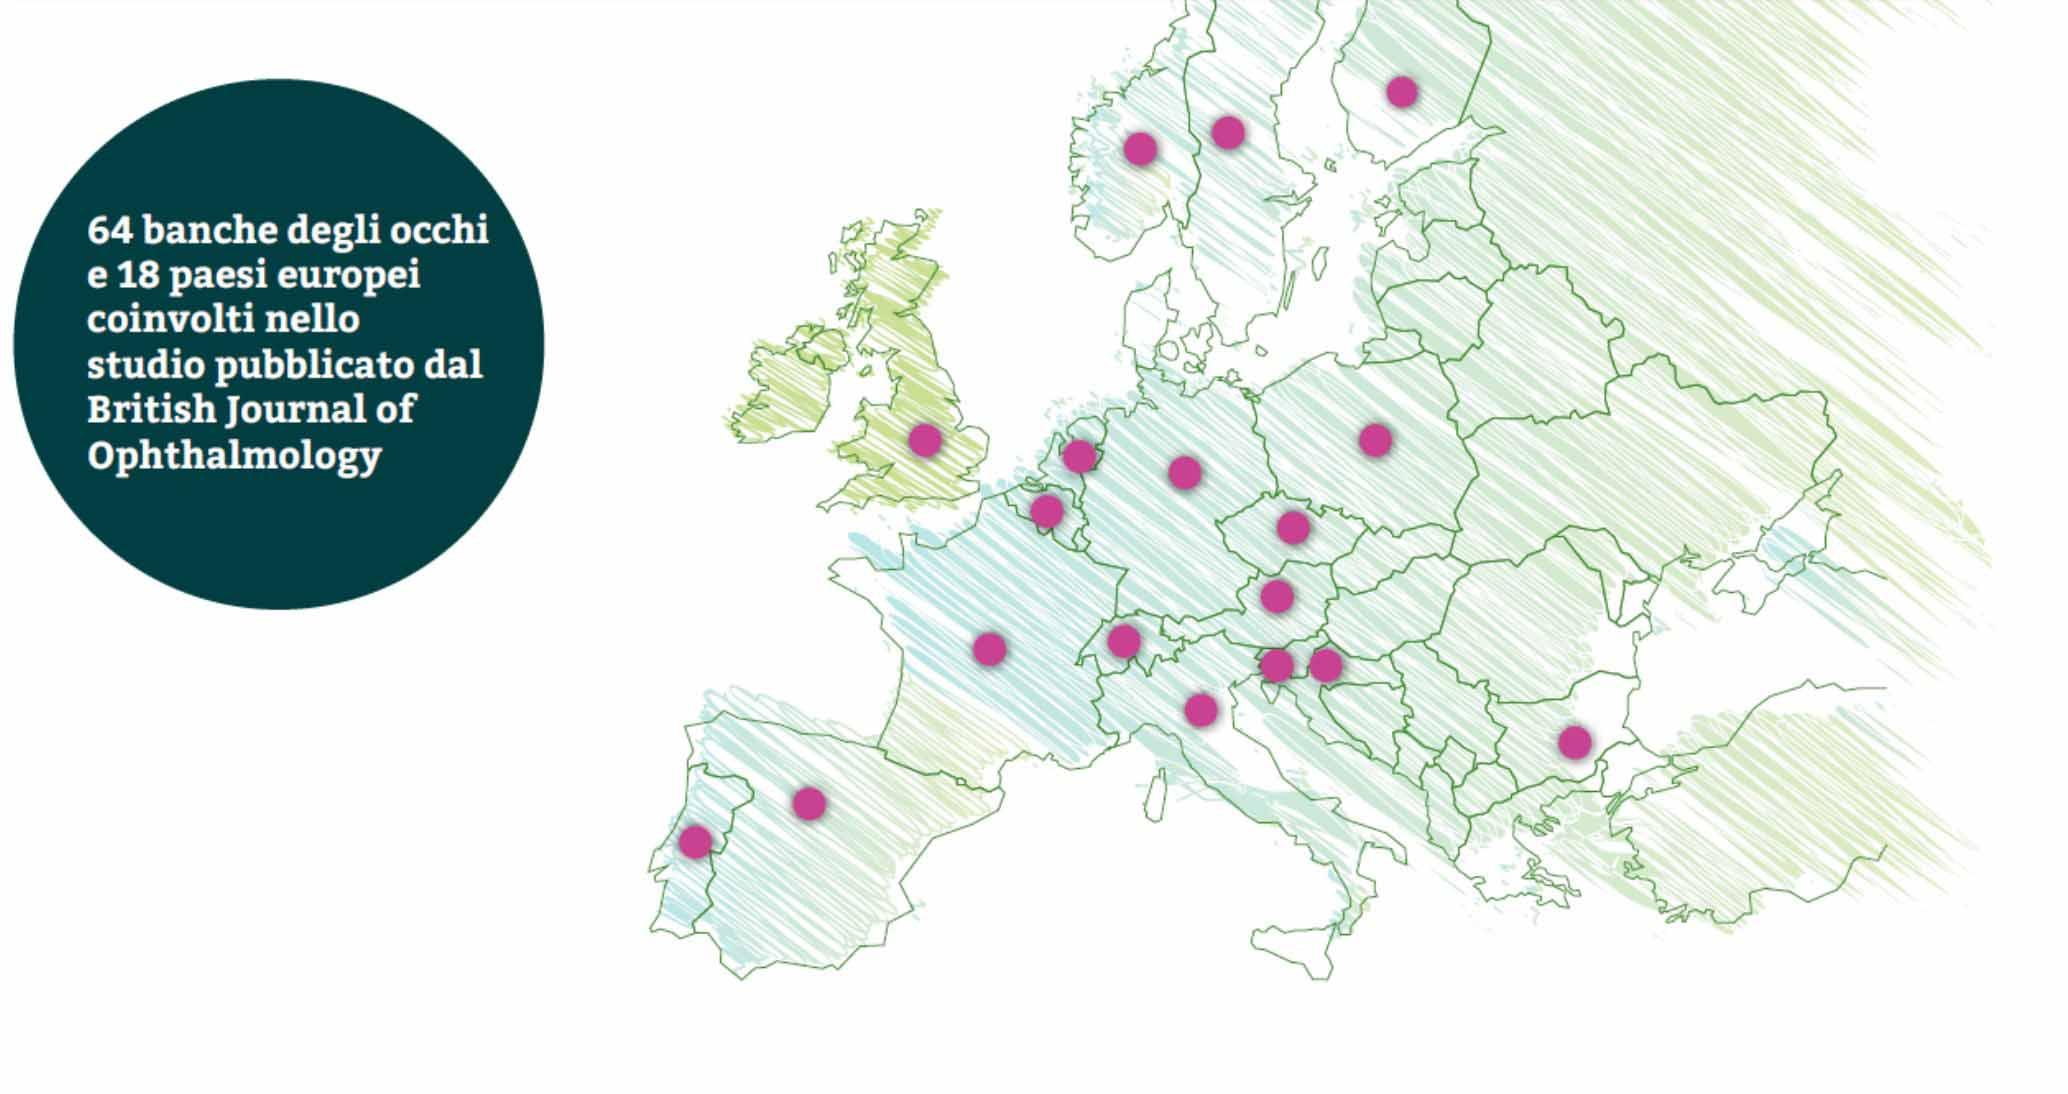 64 banche degli occhi in Europa partecipano ad uno studio sull'impatto del Covid 19